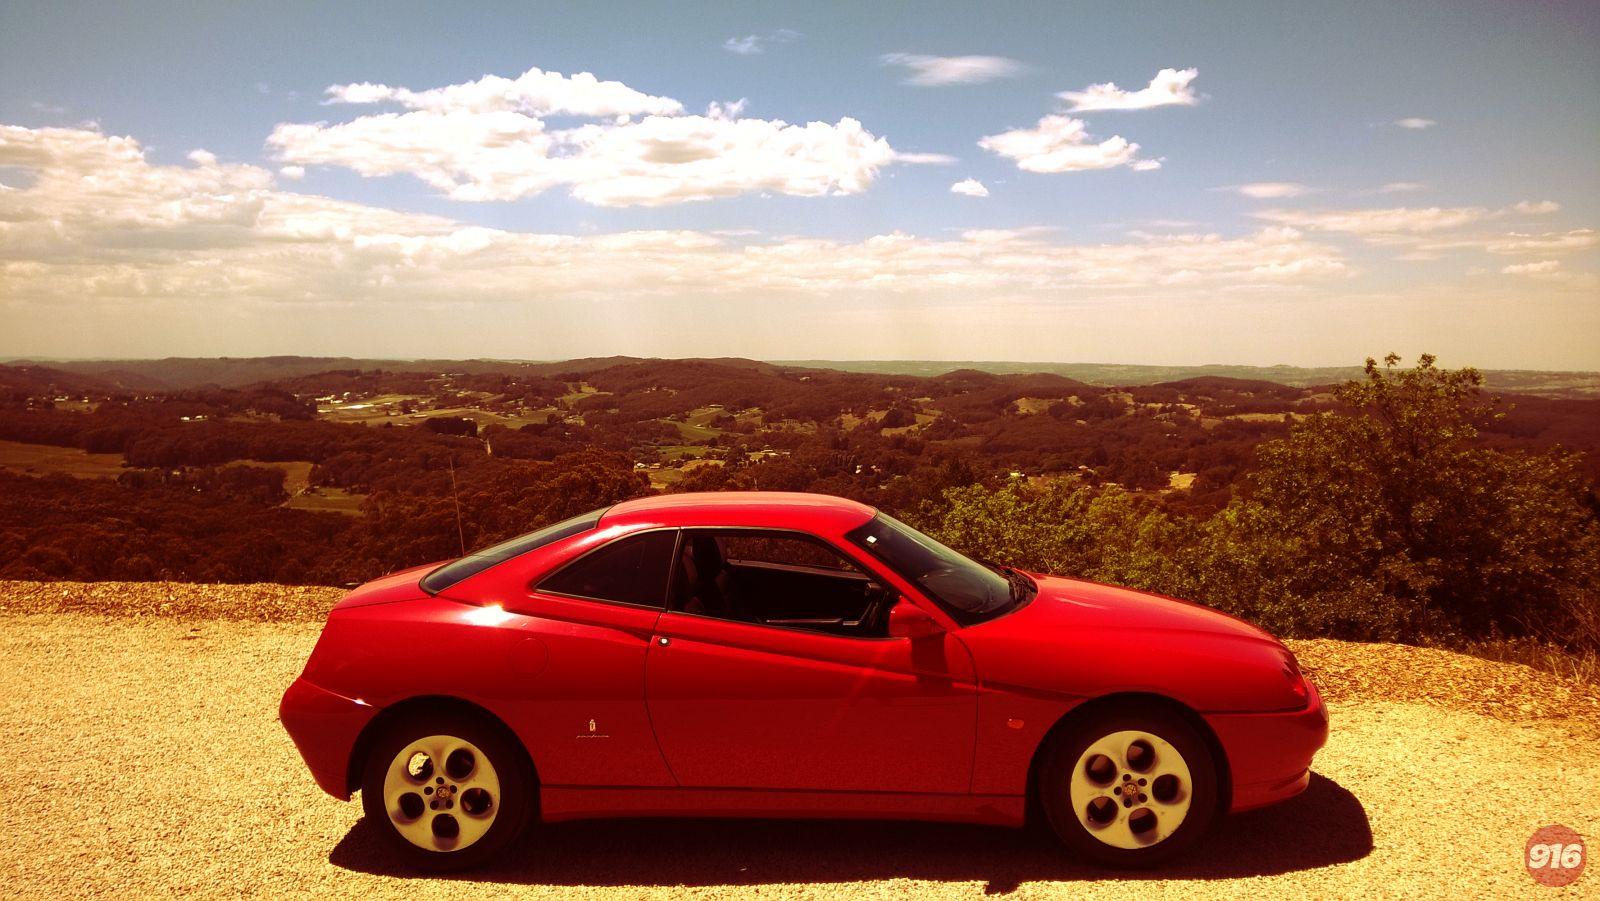 GTV TS - Adelaide Hills, Australia